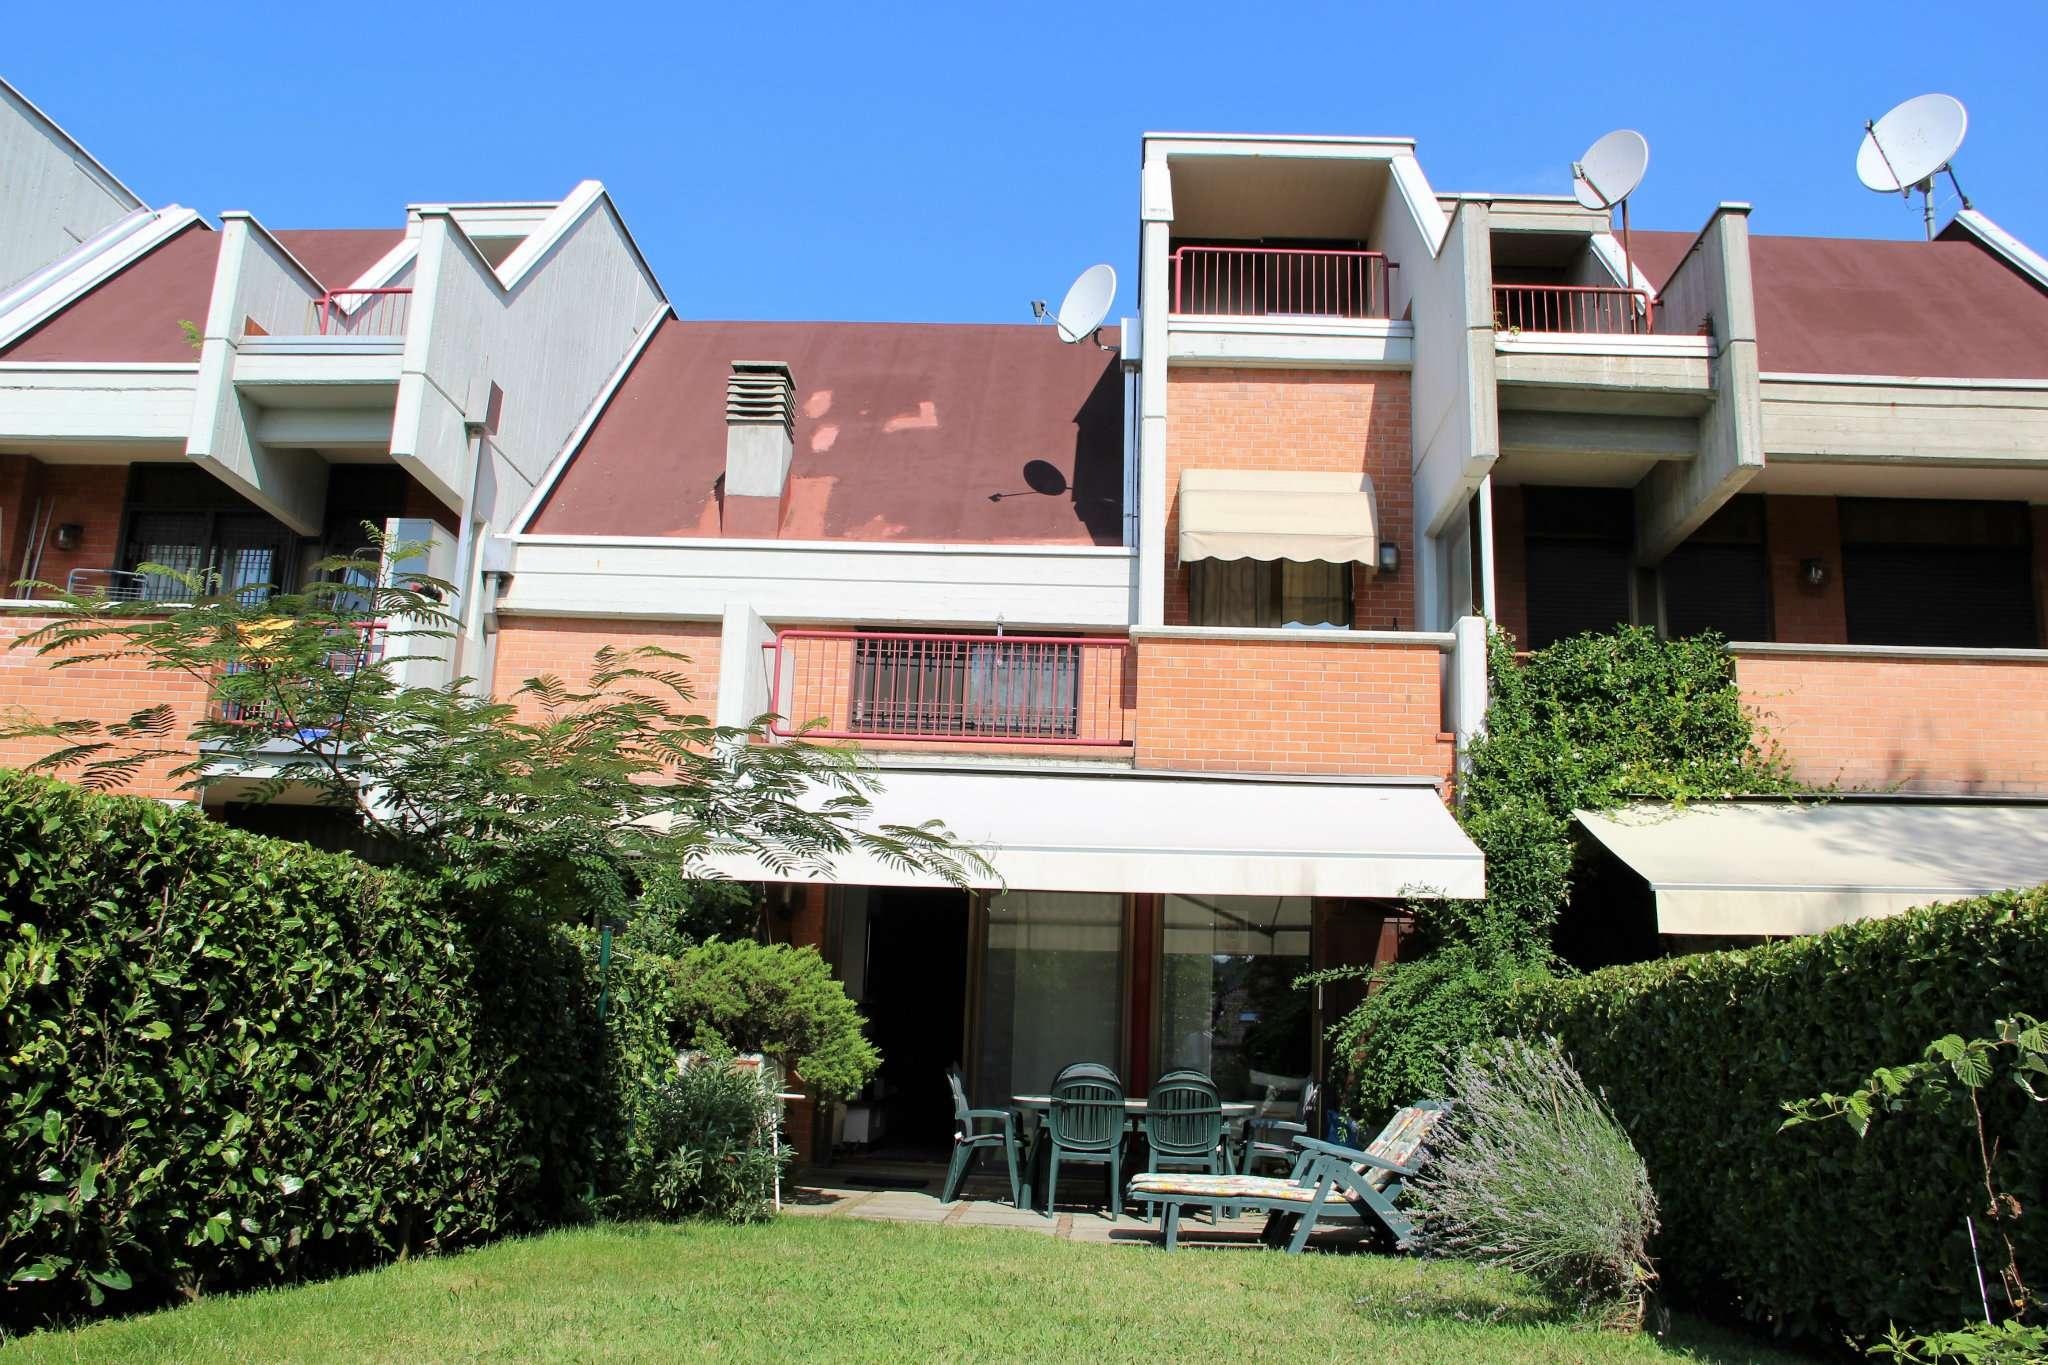 Villa a Schiera in vendita a Villarbasse, 7 locali, prezzo € 297.000 | CambioCasa.it